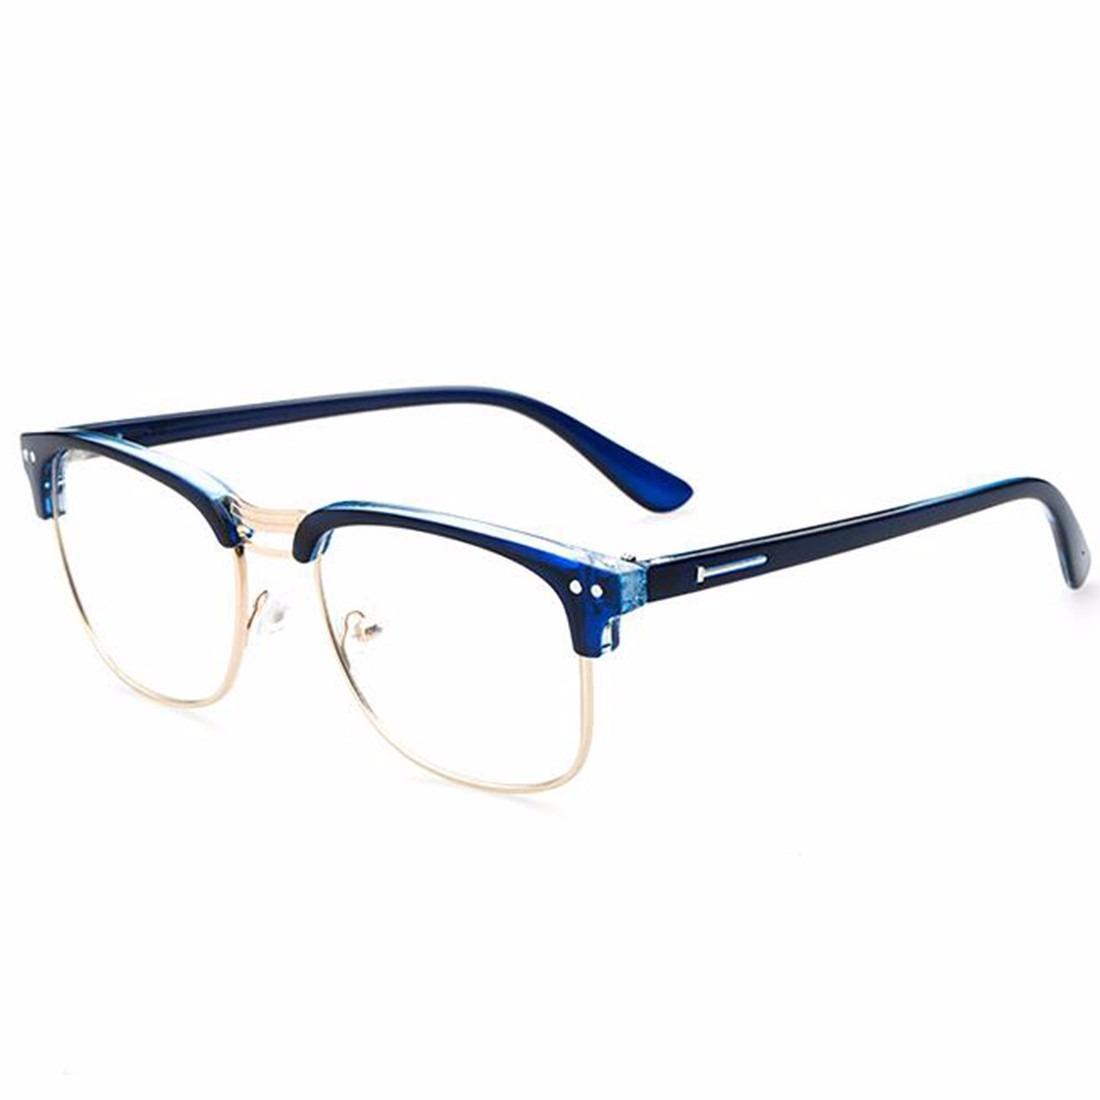 e961cb2c8d35a armação óculos para grau retro vintage quadrado acessório pa. Carregando  zoom.